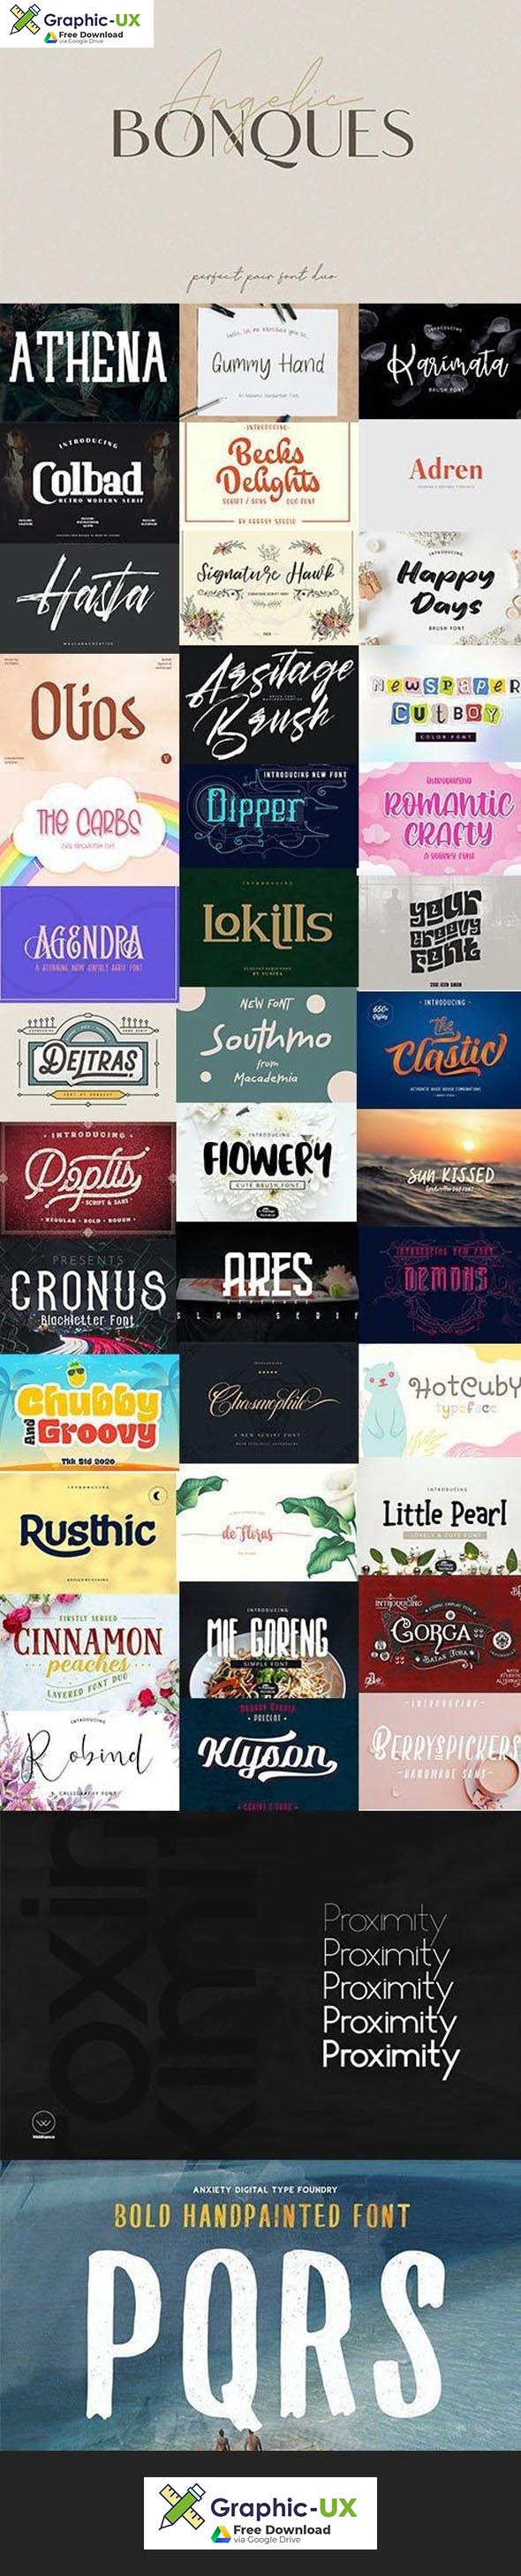 Super Fonts Pack Vol.2 Aug2020 42 Fonts